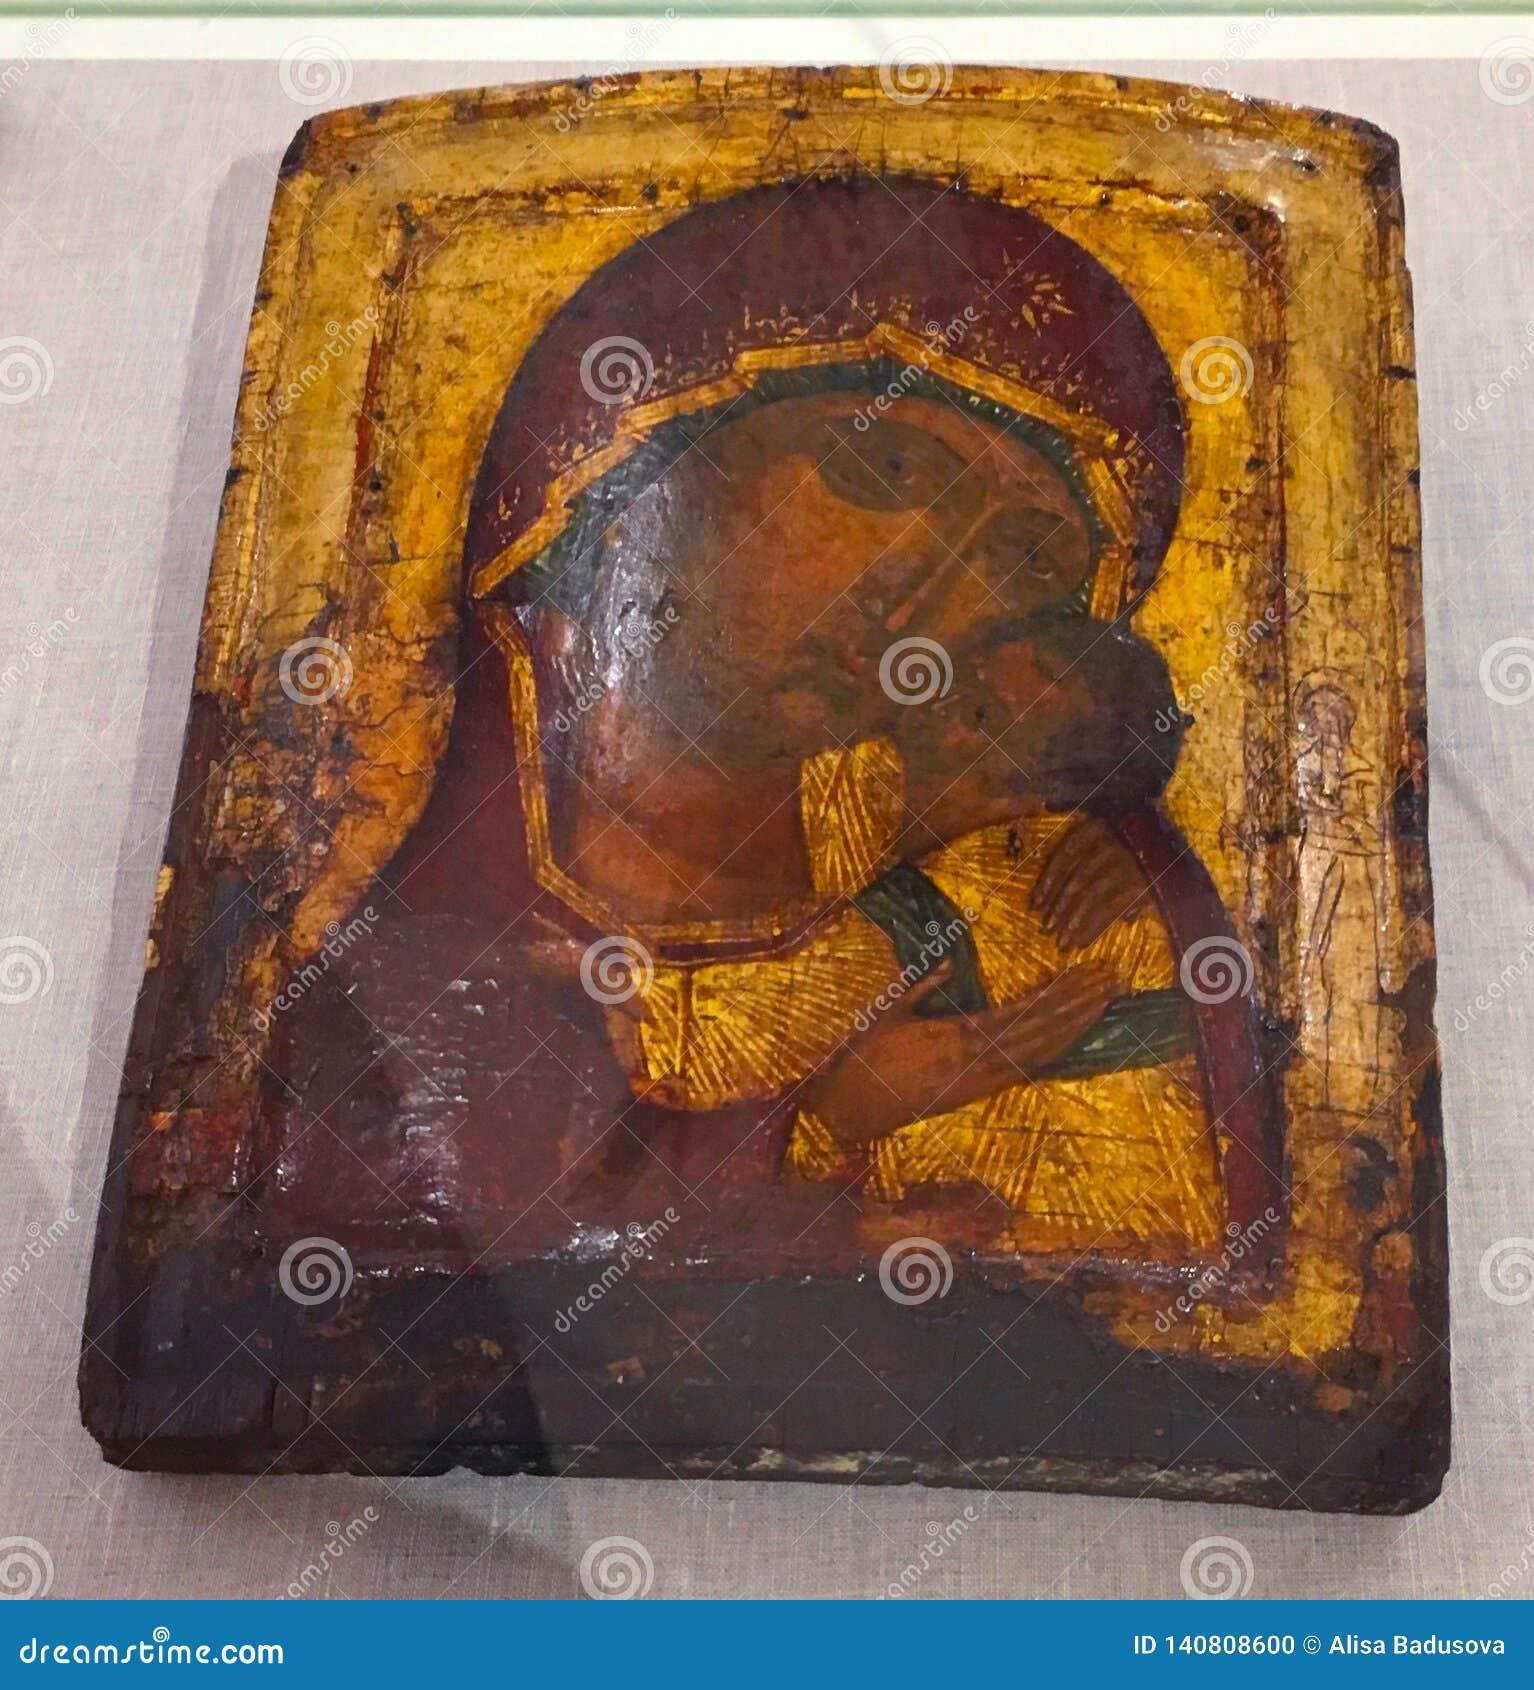 Παλαιό ορθόδοξο χρώμα αποκαλούμενο εικονίδιο, Ρόδος, Ελλάδα